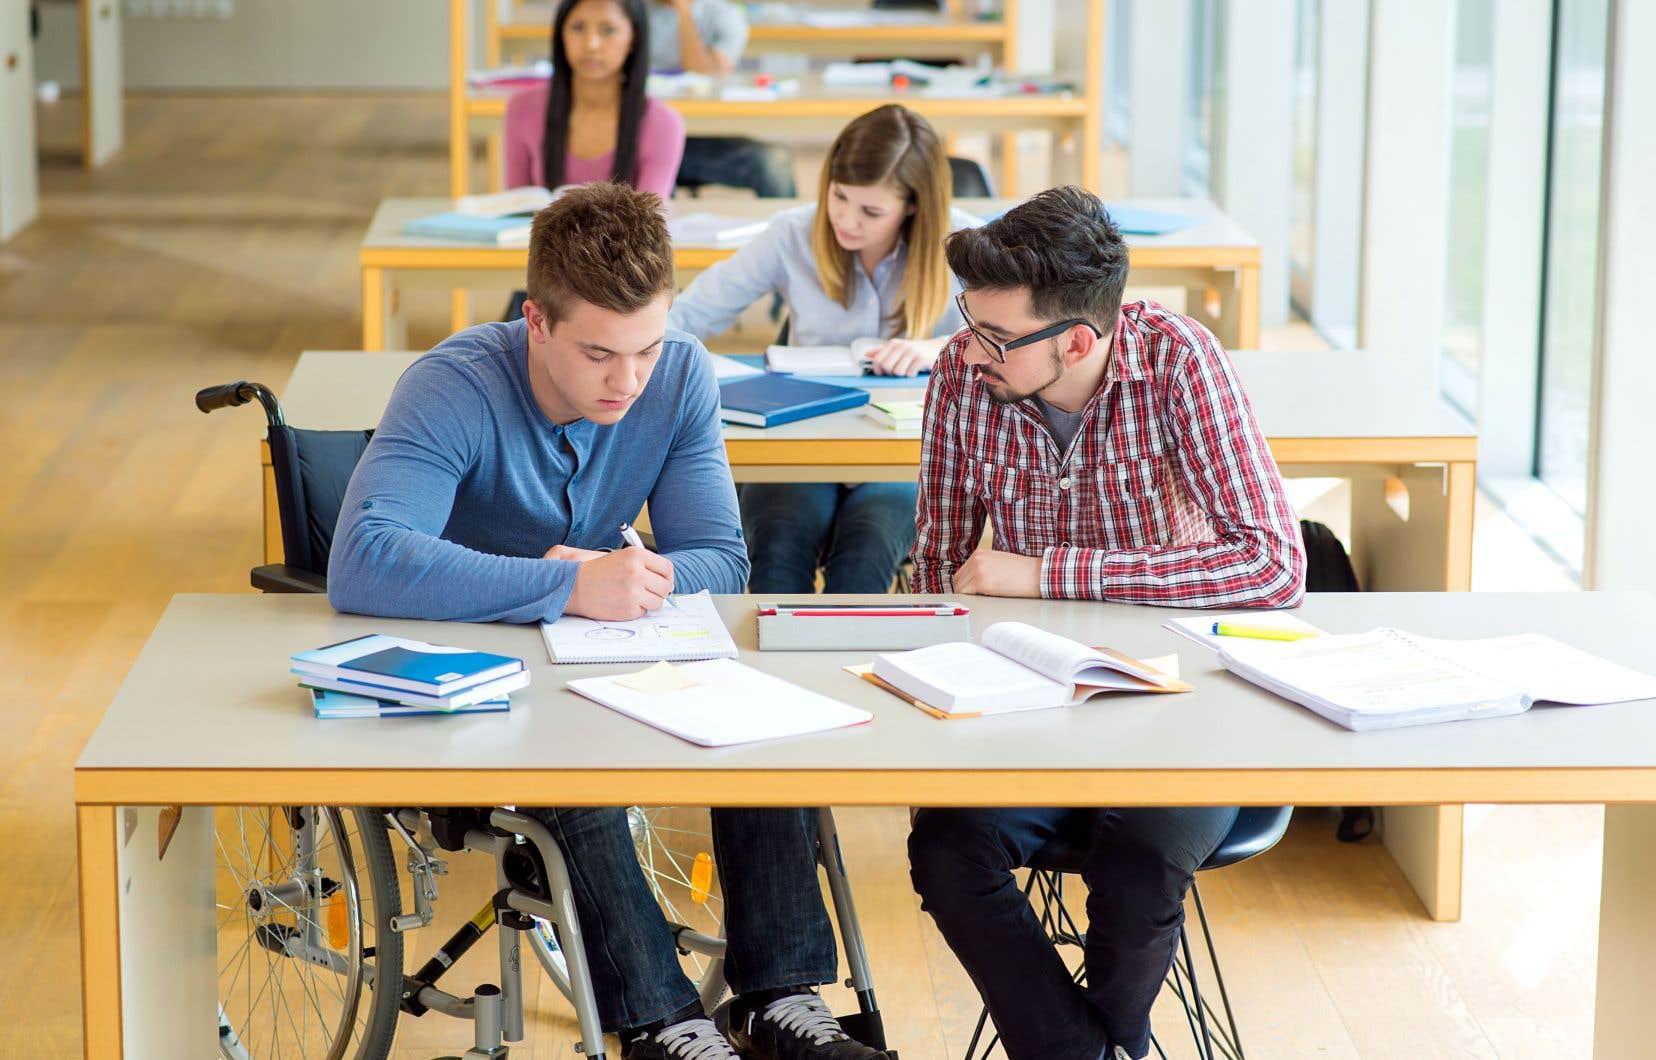 En cinq ans, le nombre d'étudiants en situation de handicap a triplé à l'UQAM.